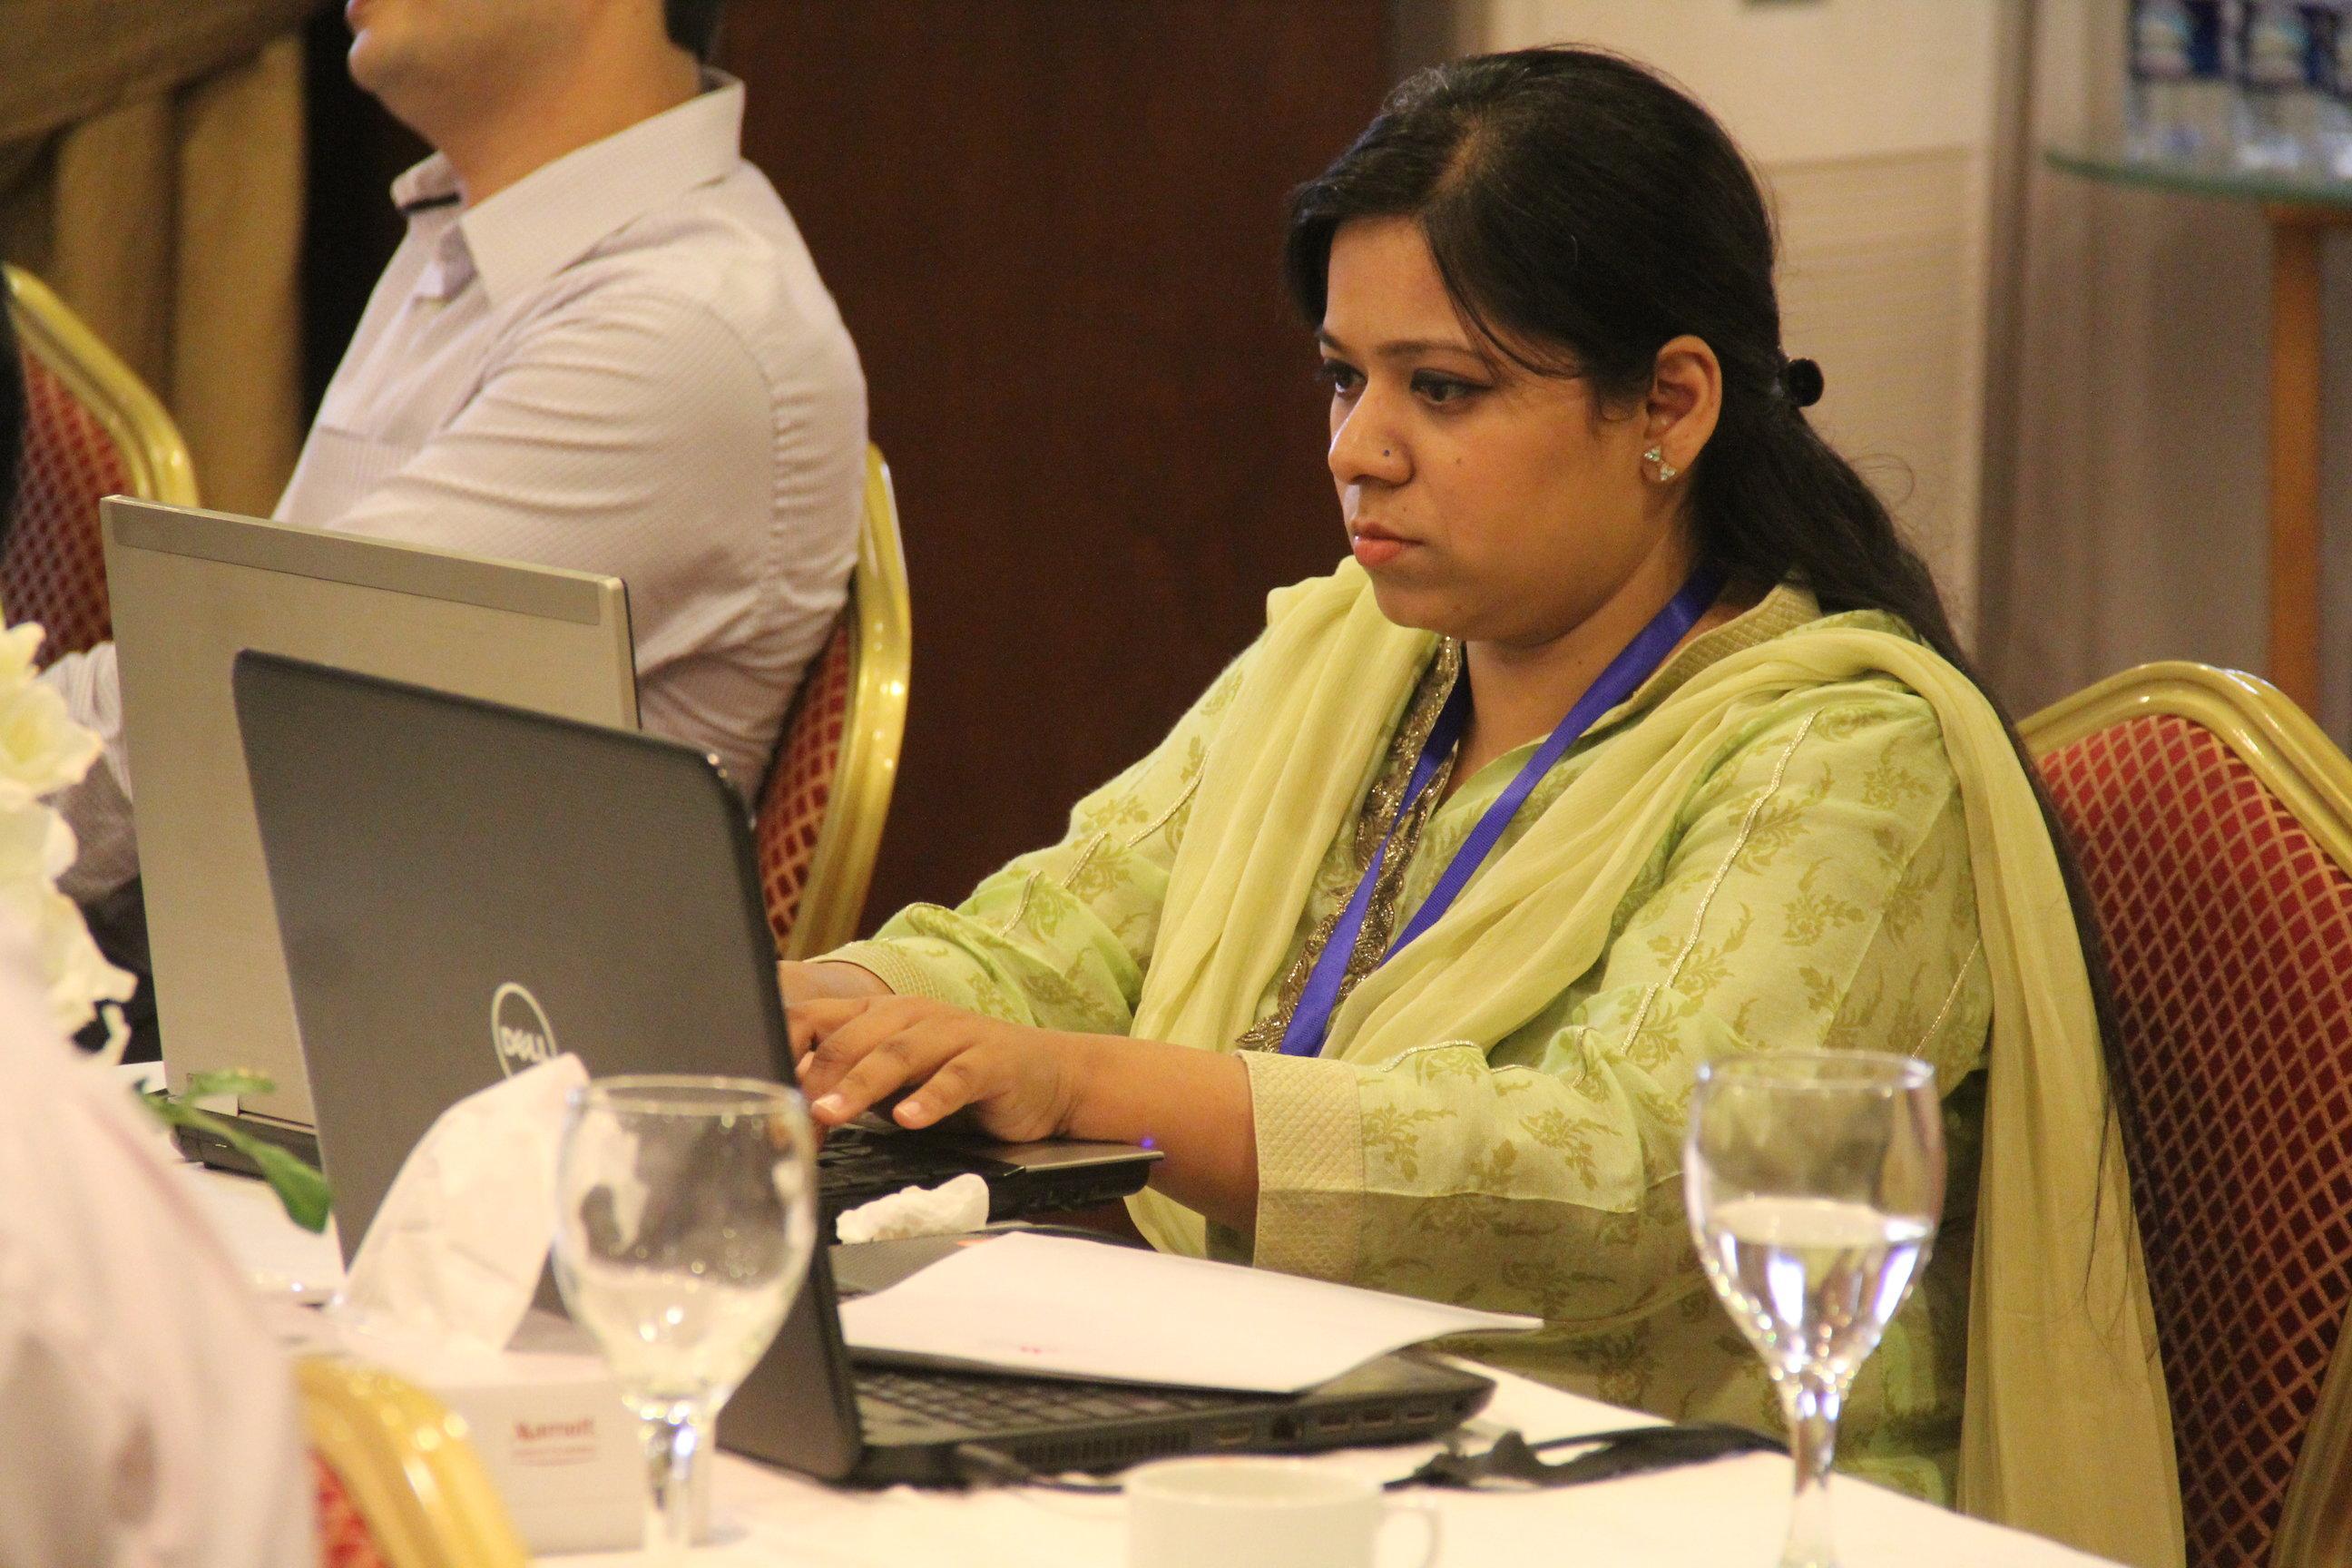 Sarah Batool Haider of Karachi